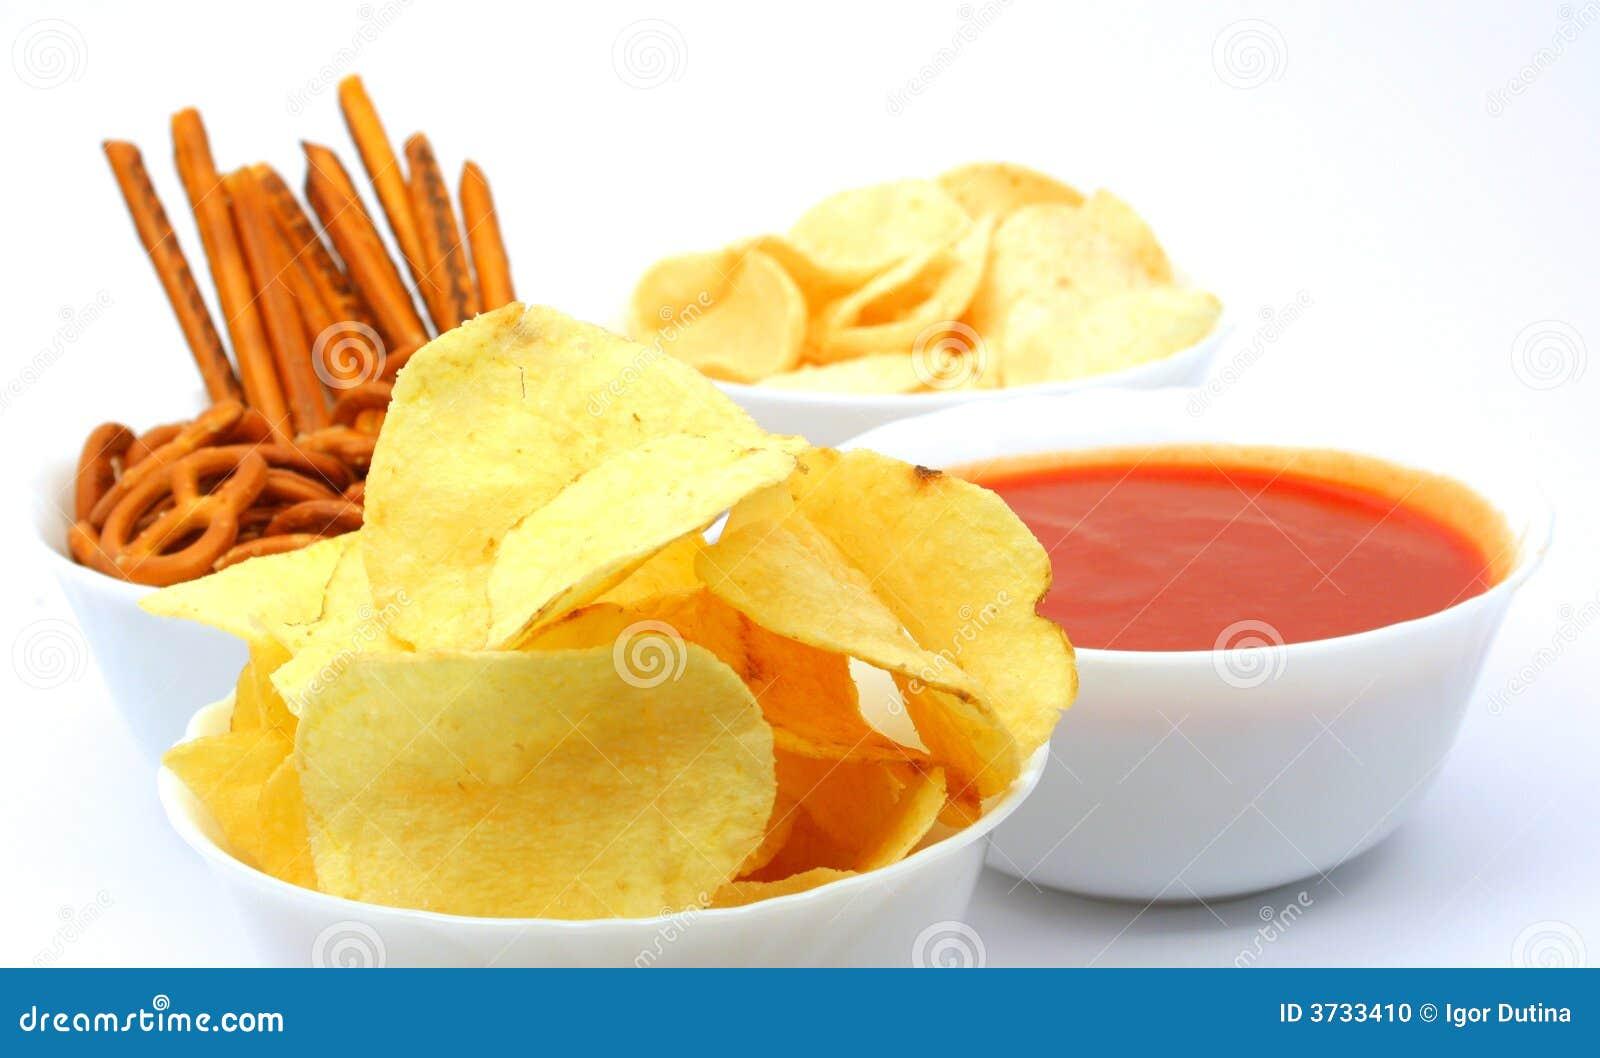 Patatas fritas, bocados e inmersión